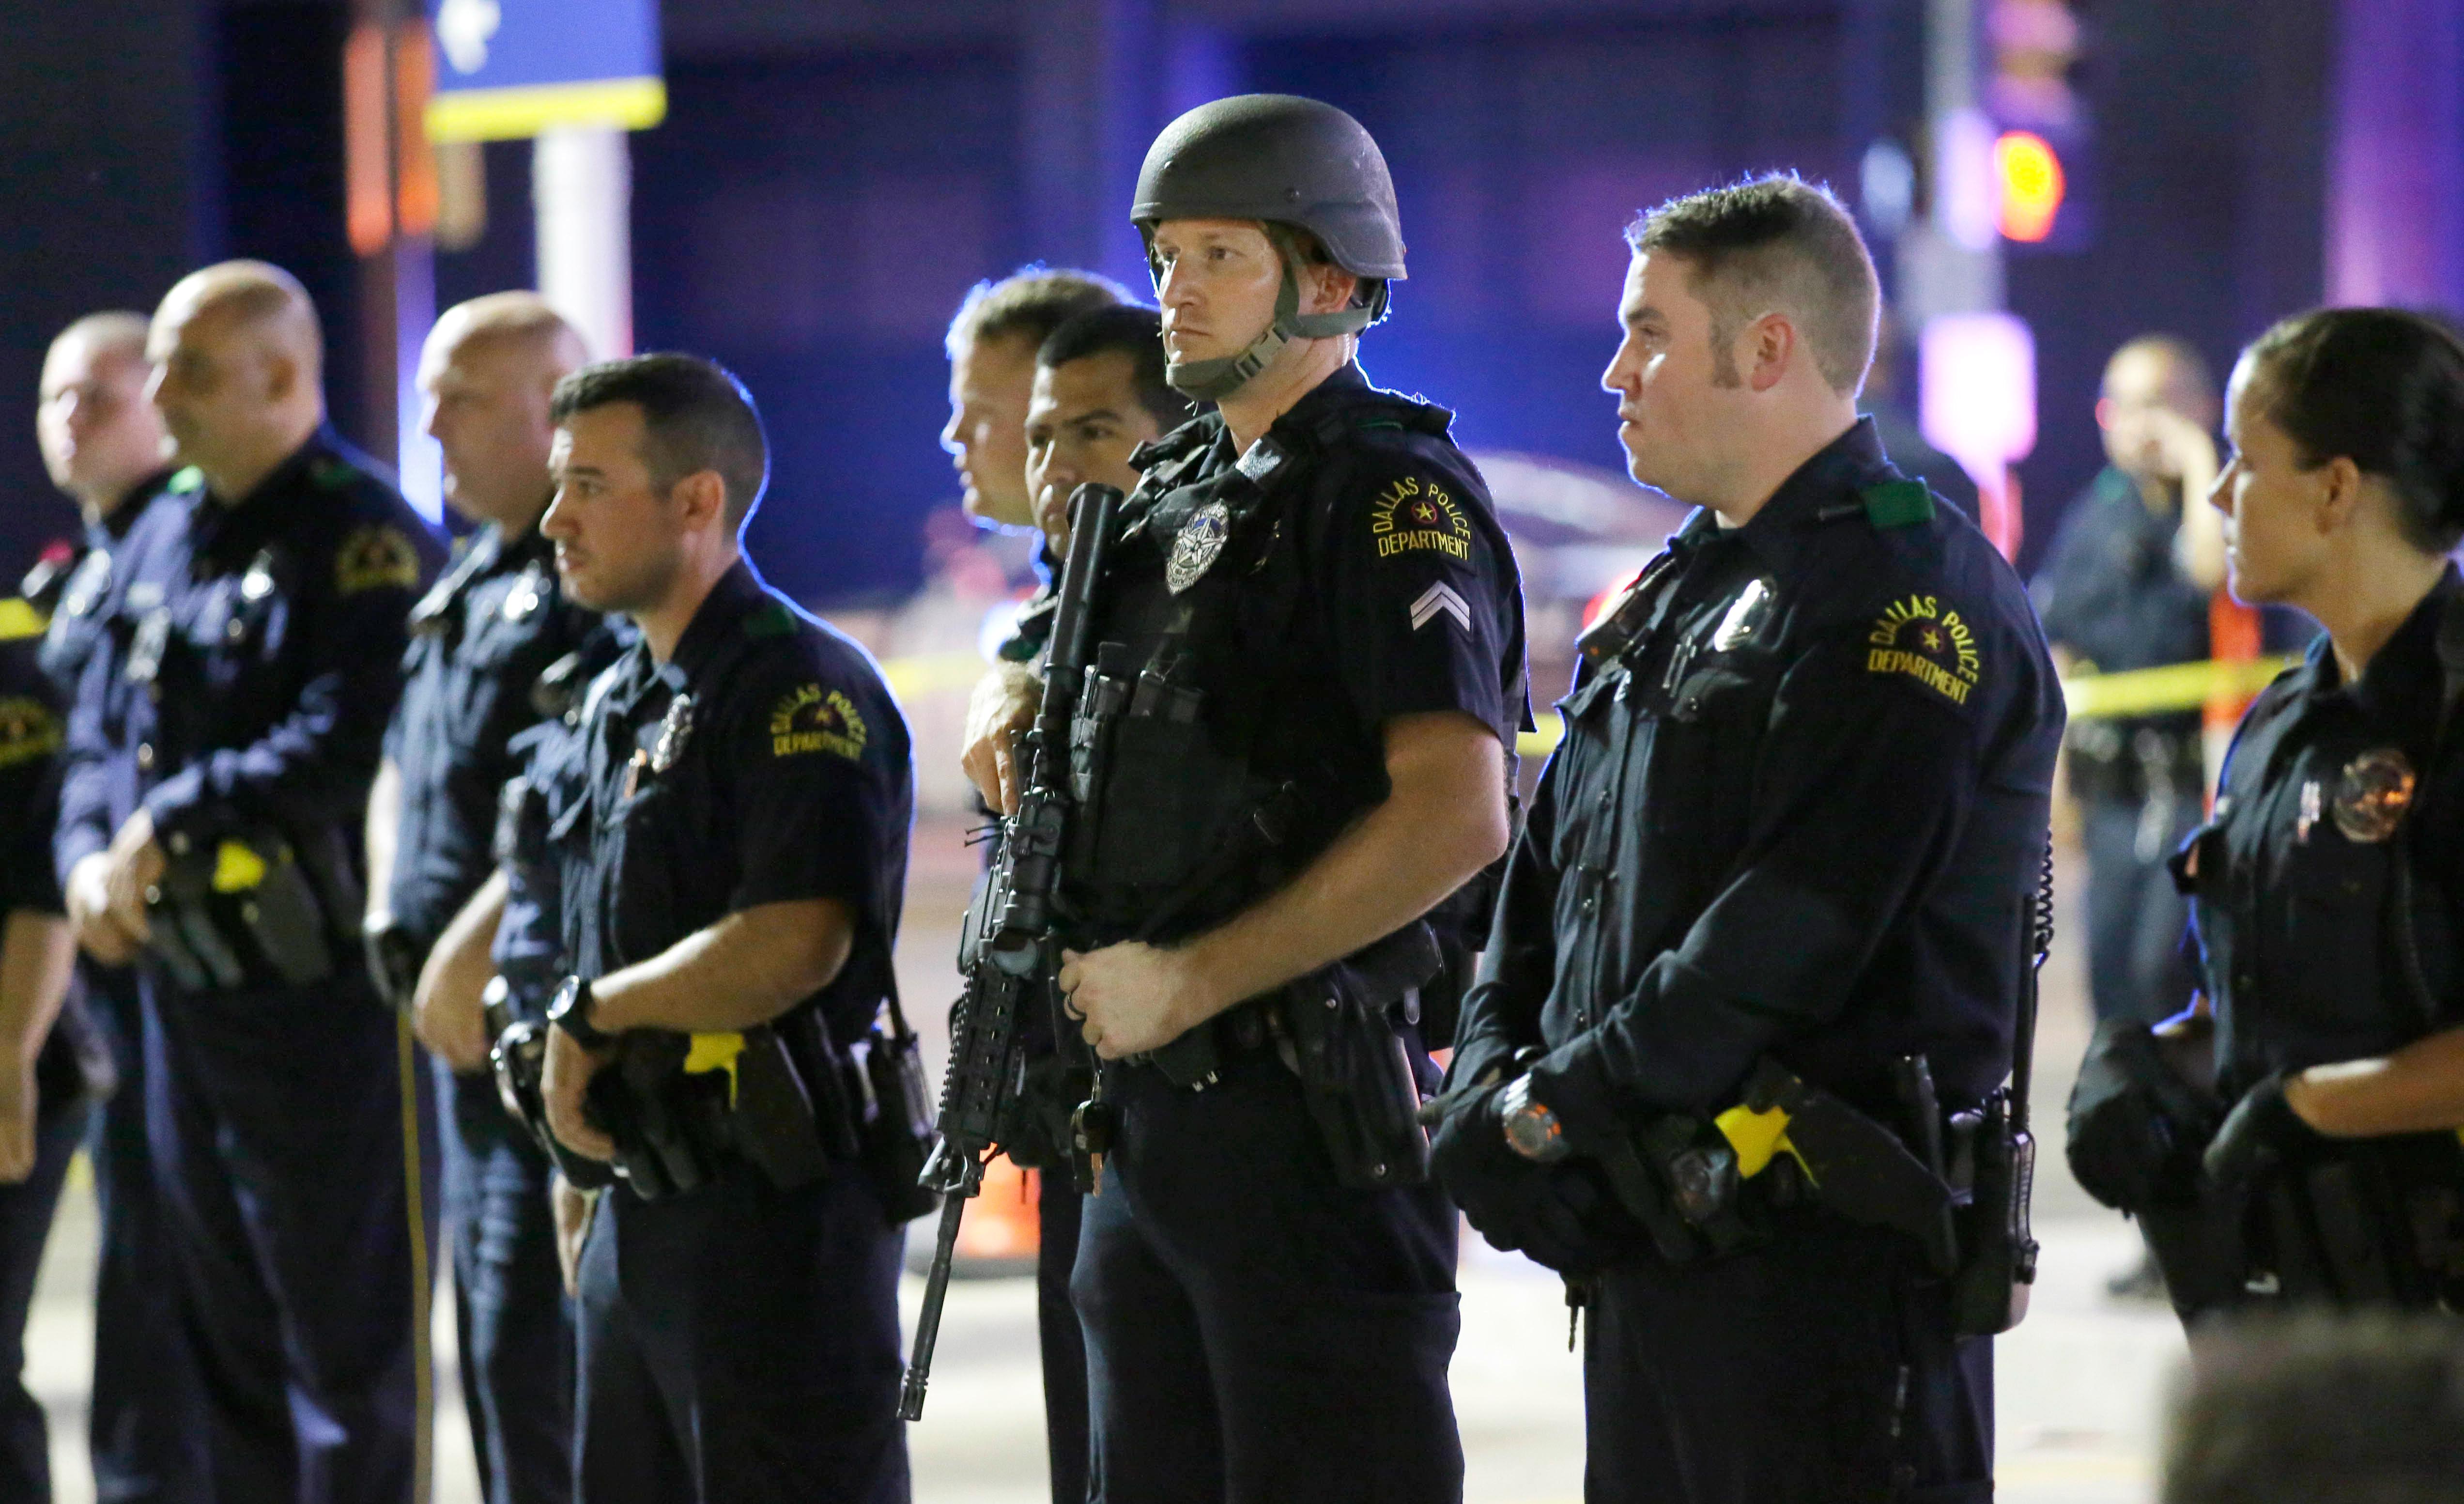 Don be ebony and suspicious around black patrol cops